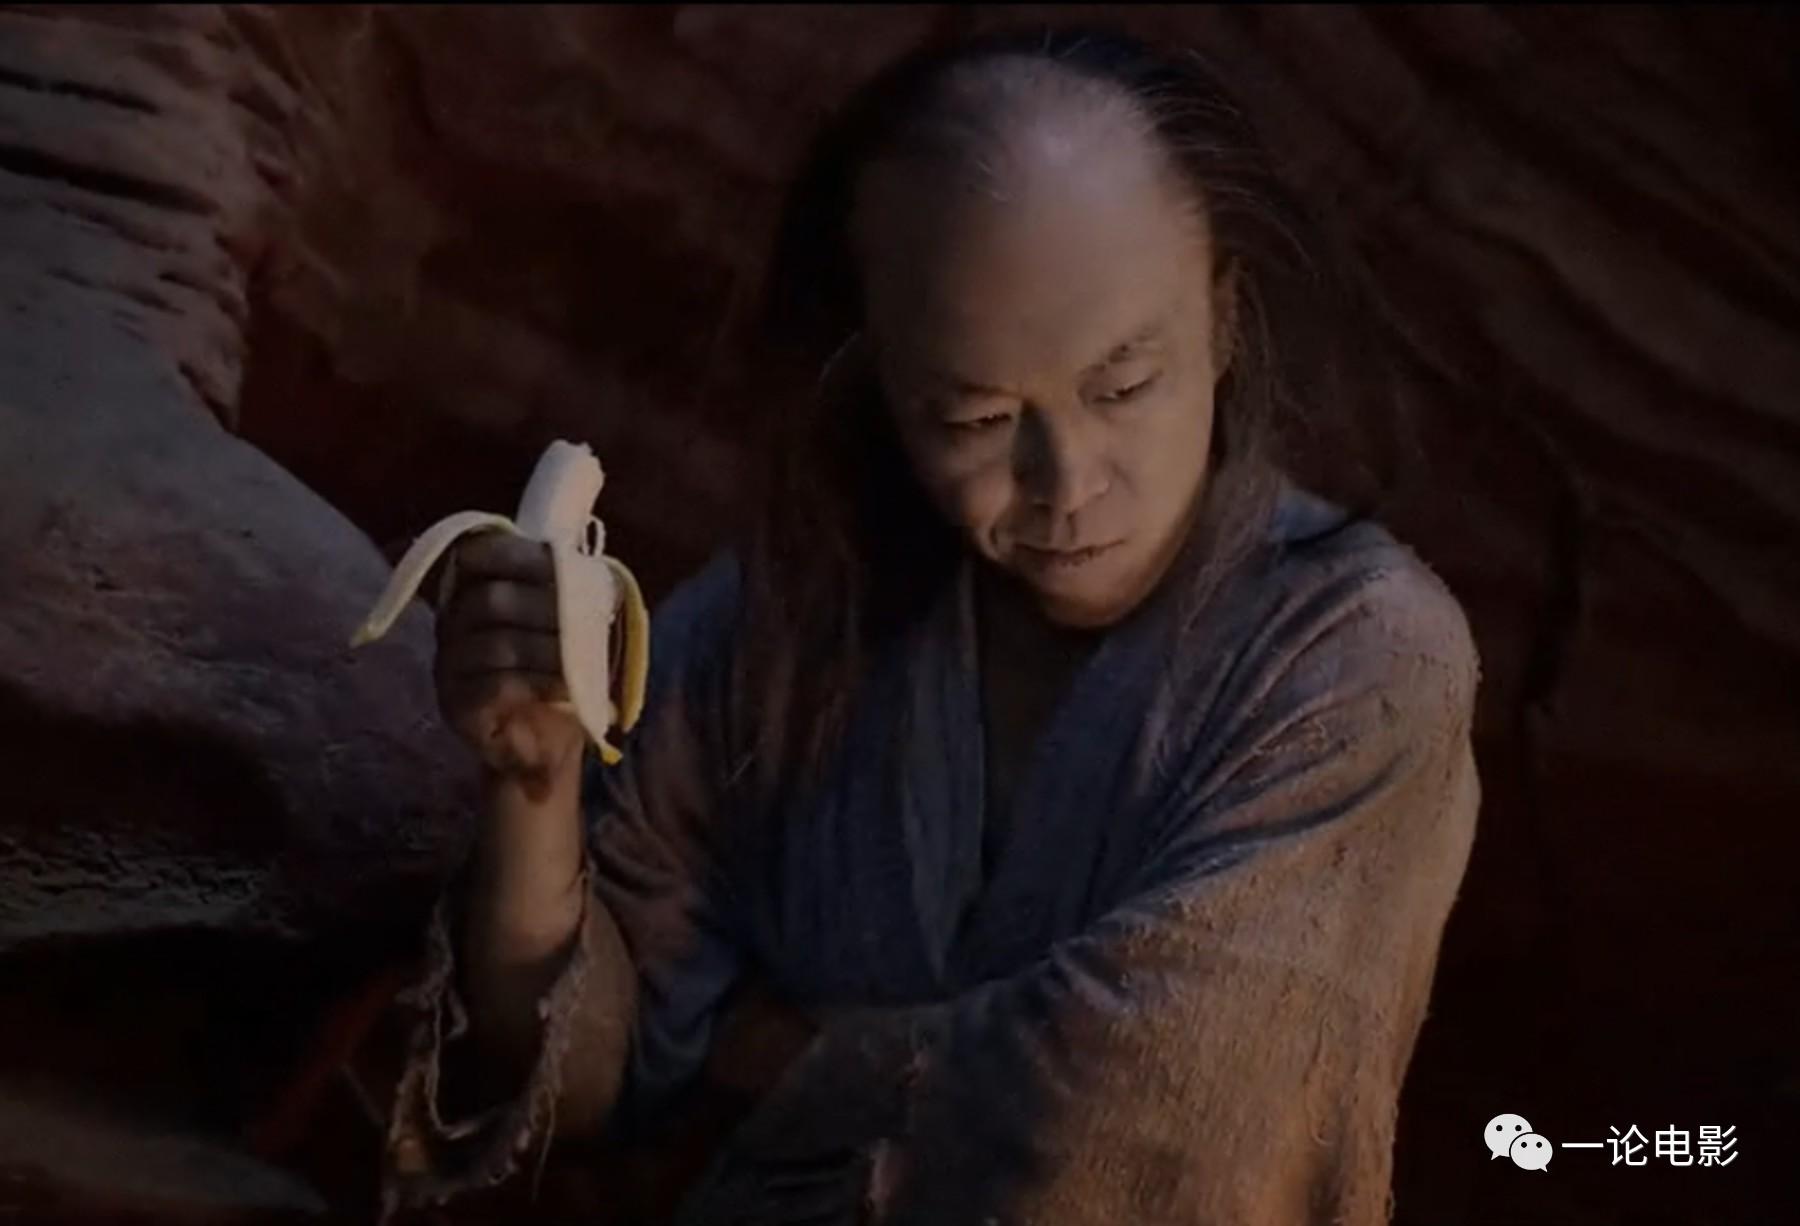 周星驰《西游降魔篇》孙悟空扮演者, 除黄渤还有人